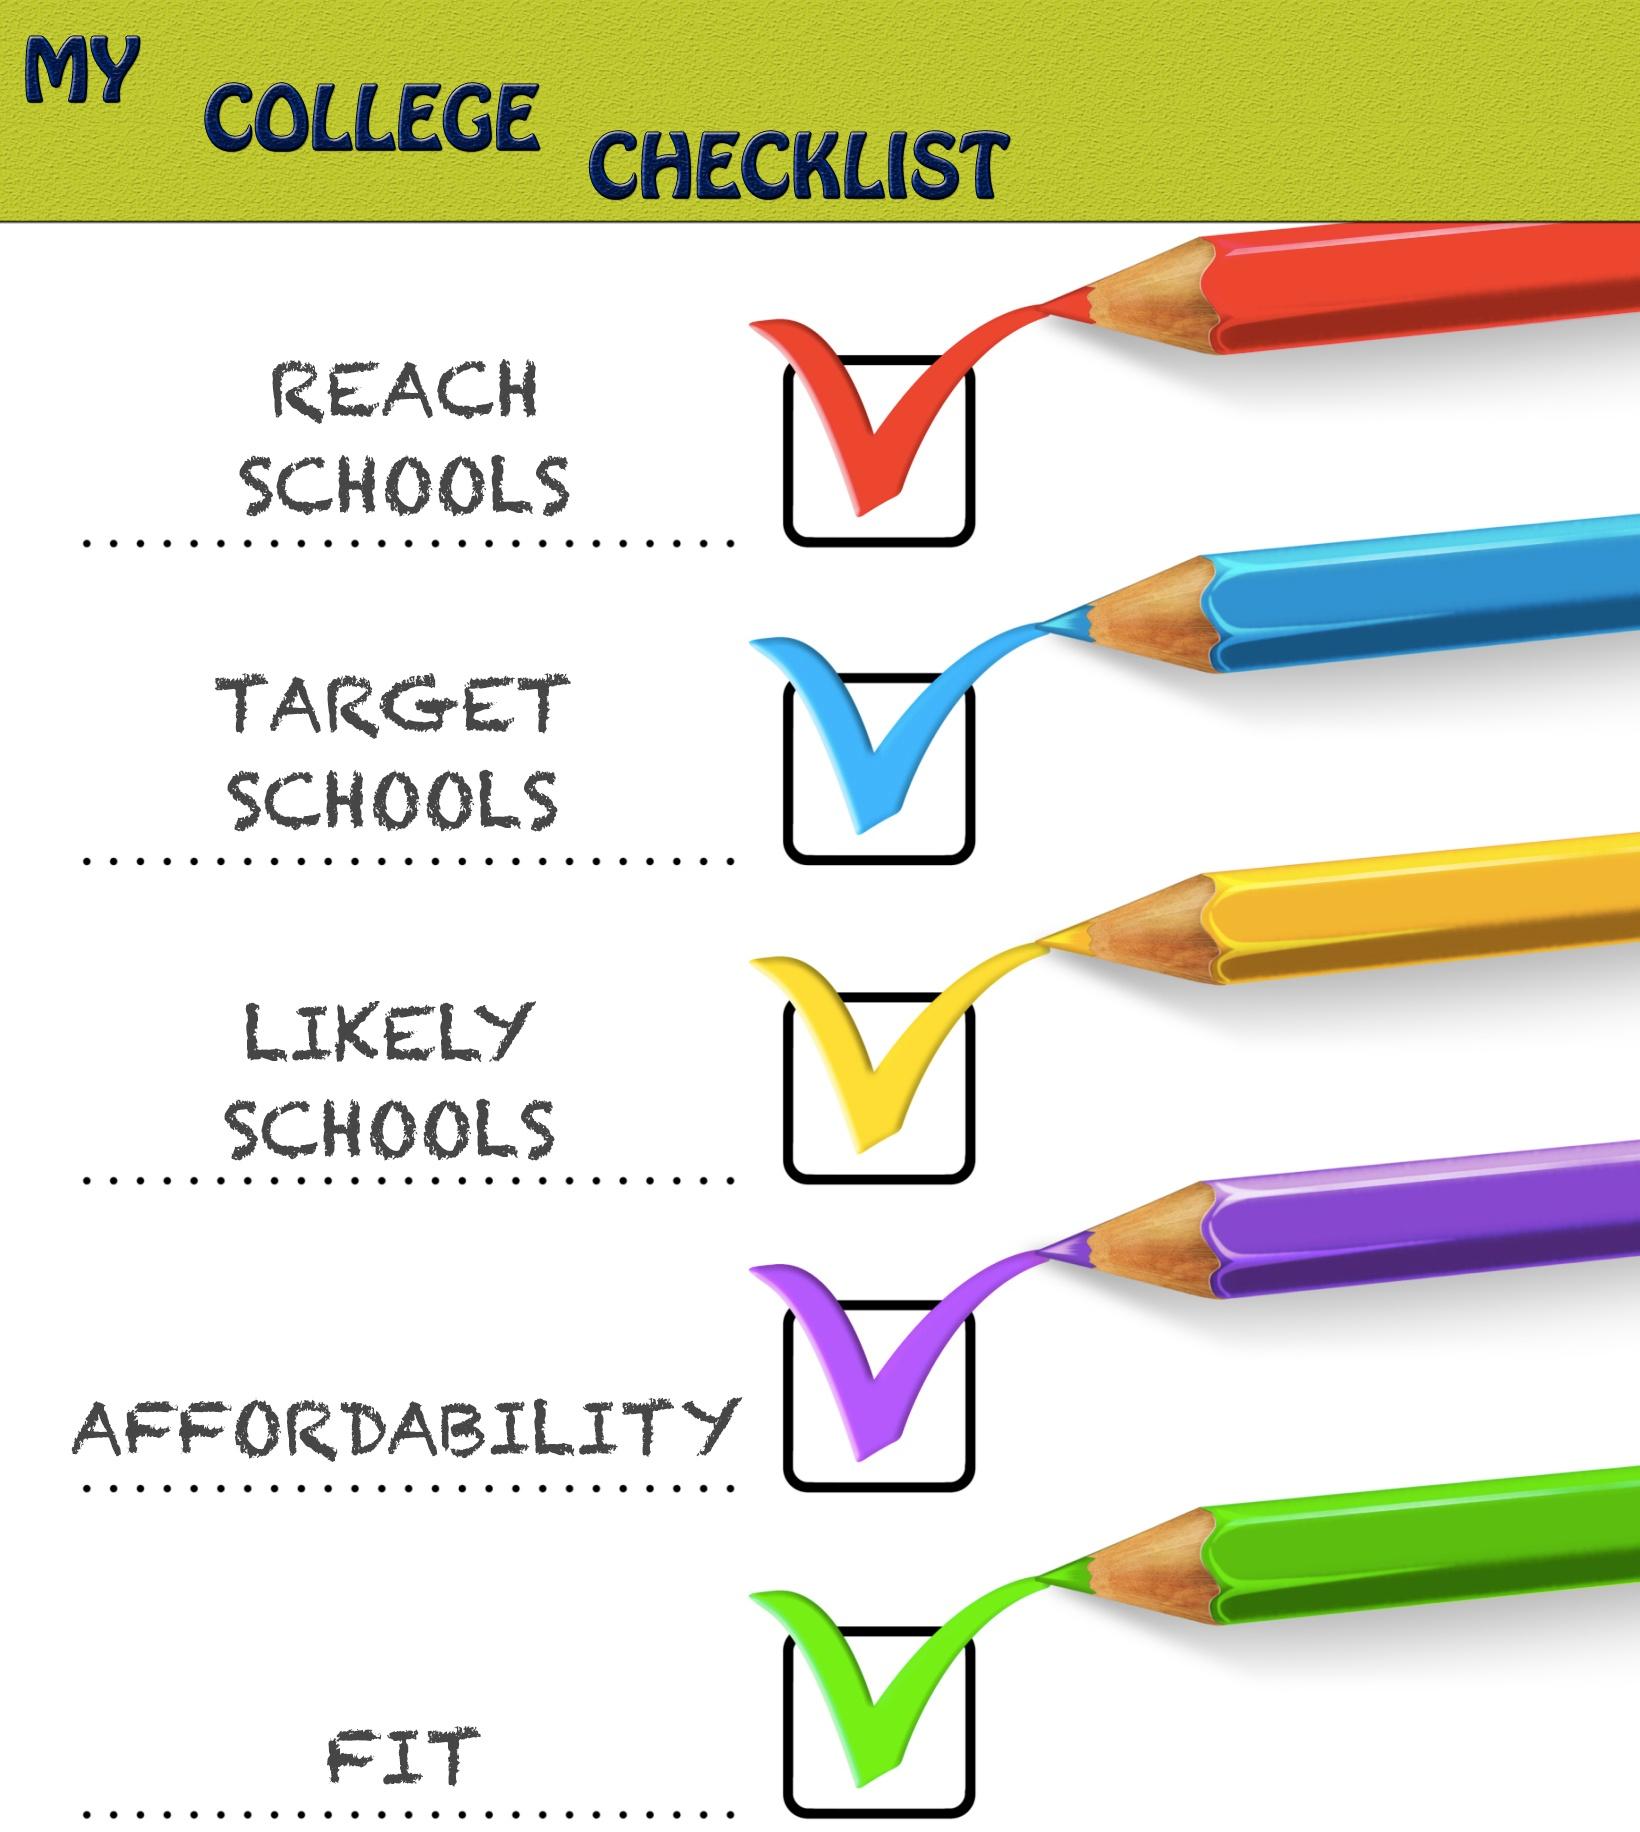 college_checklist.jpg